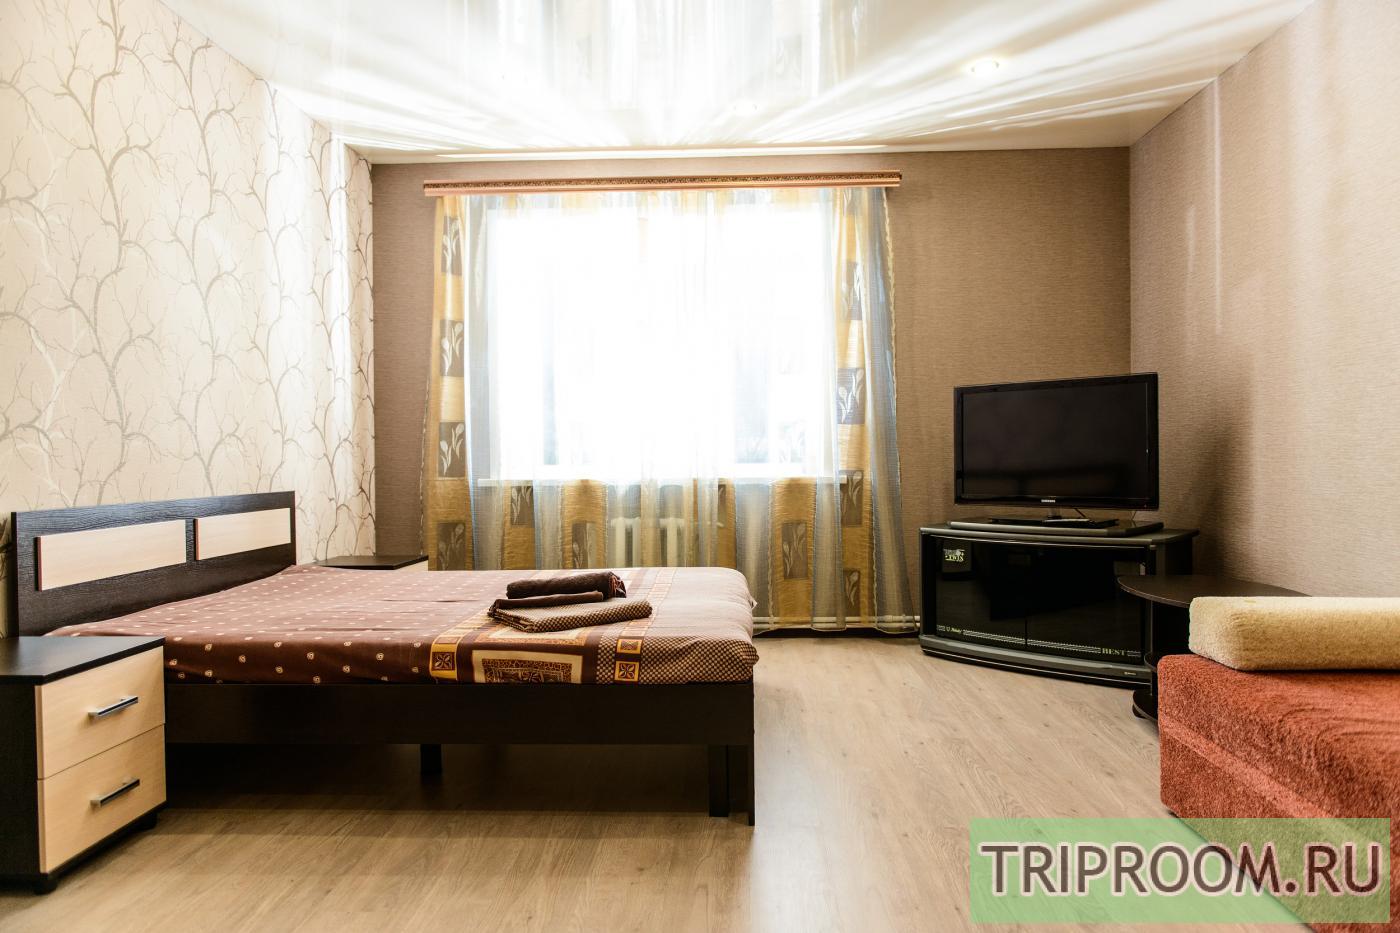 2-комнатная квартира посуточно (вариант № 15725), ул. Коммунистическая улица, фото № 1